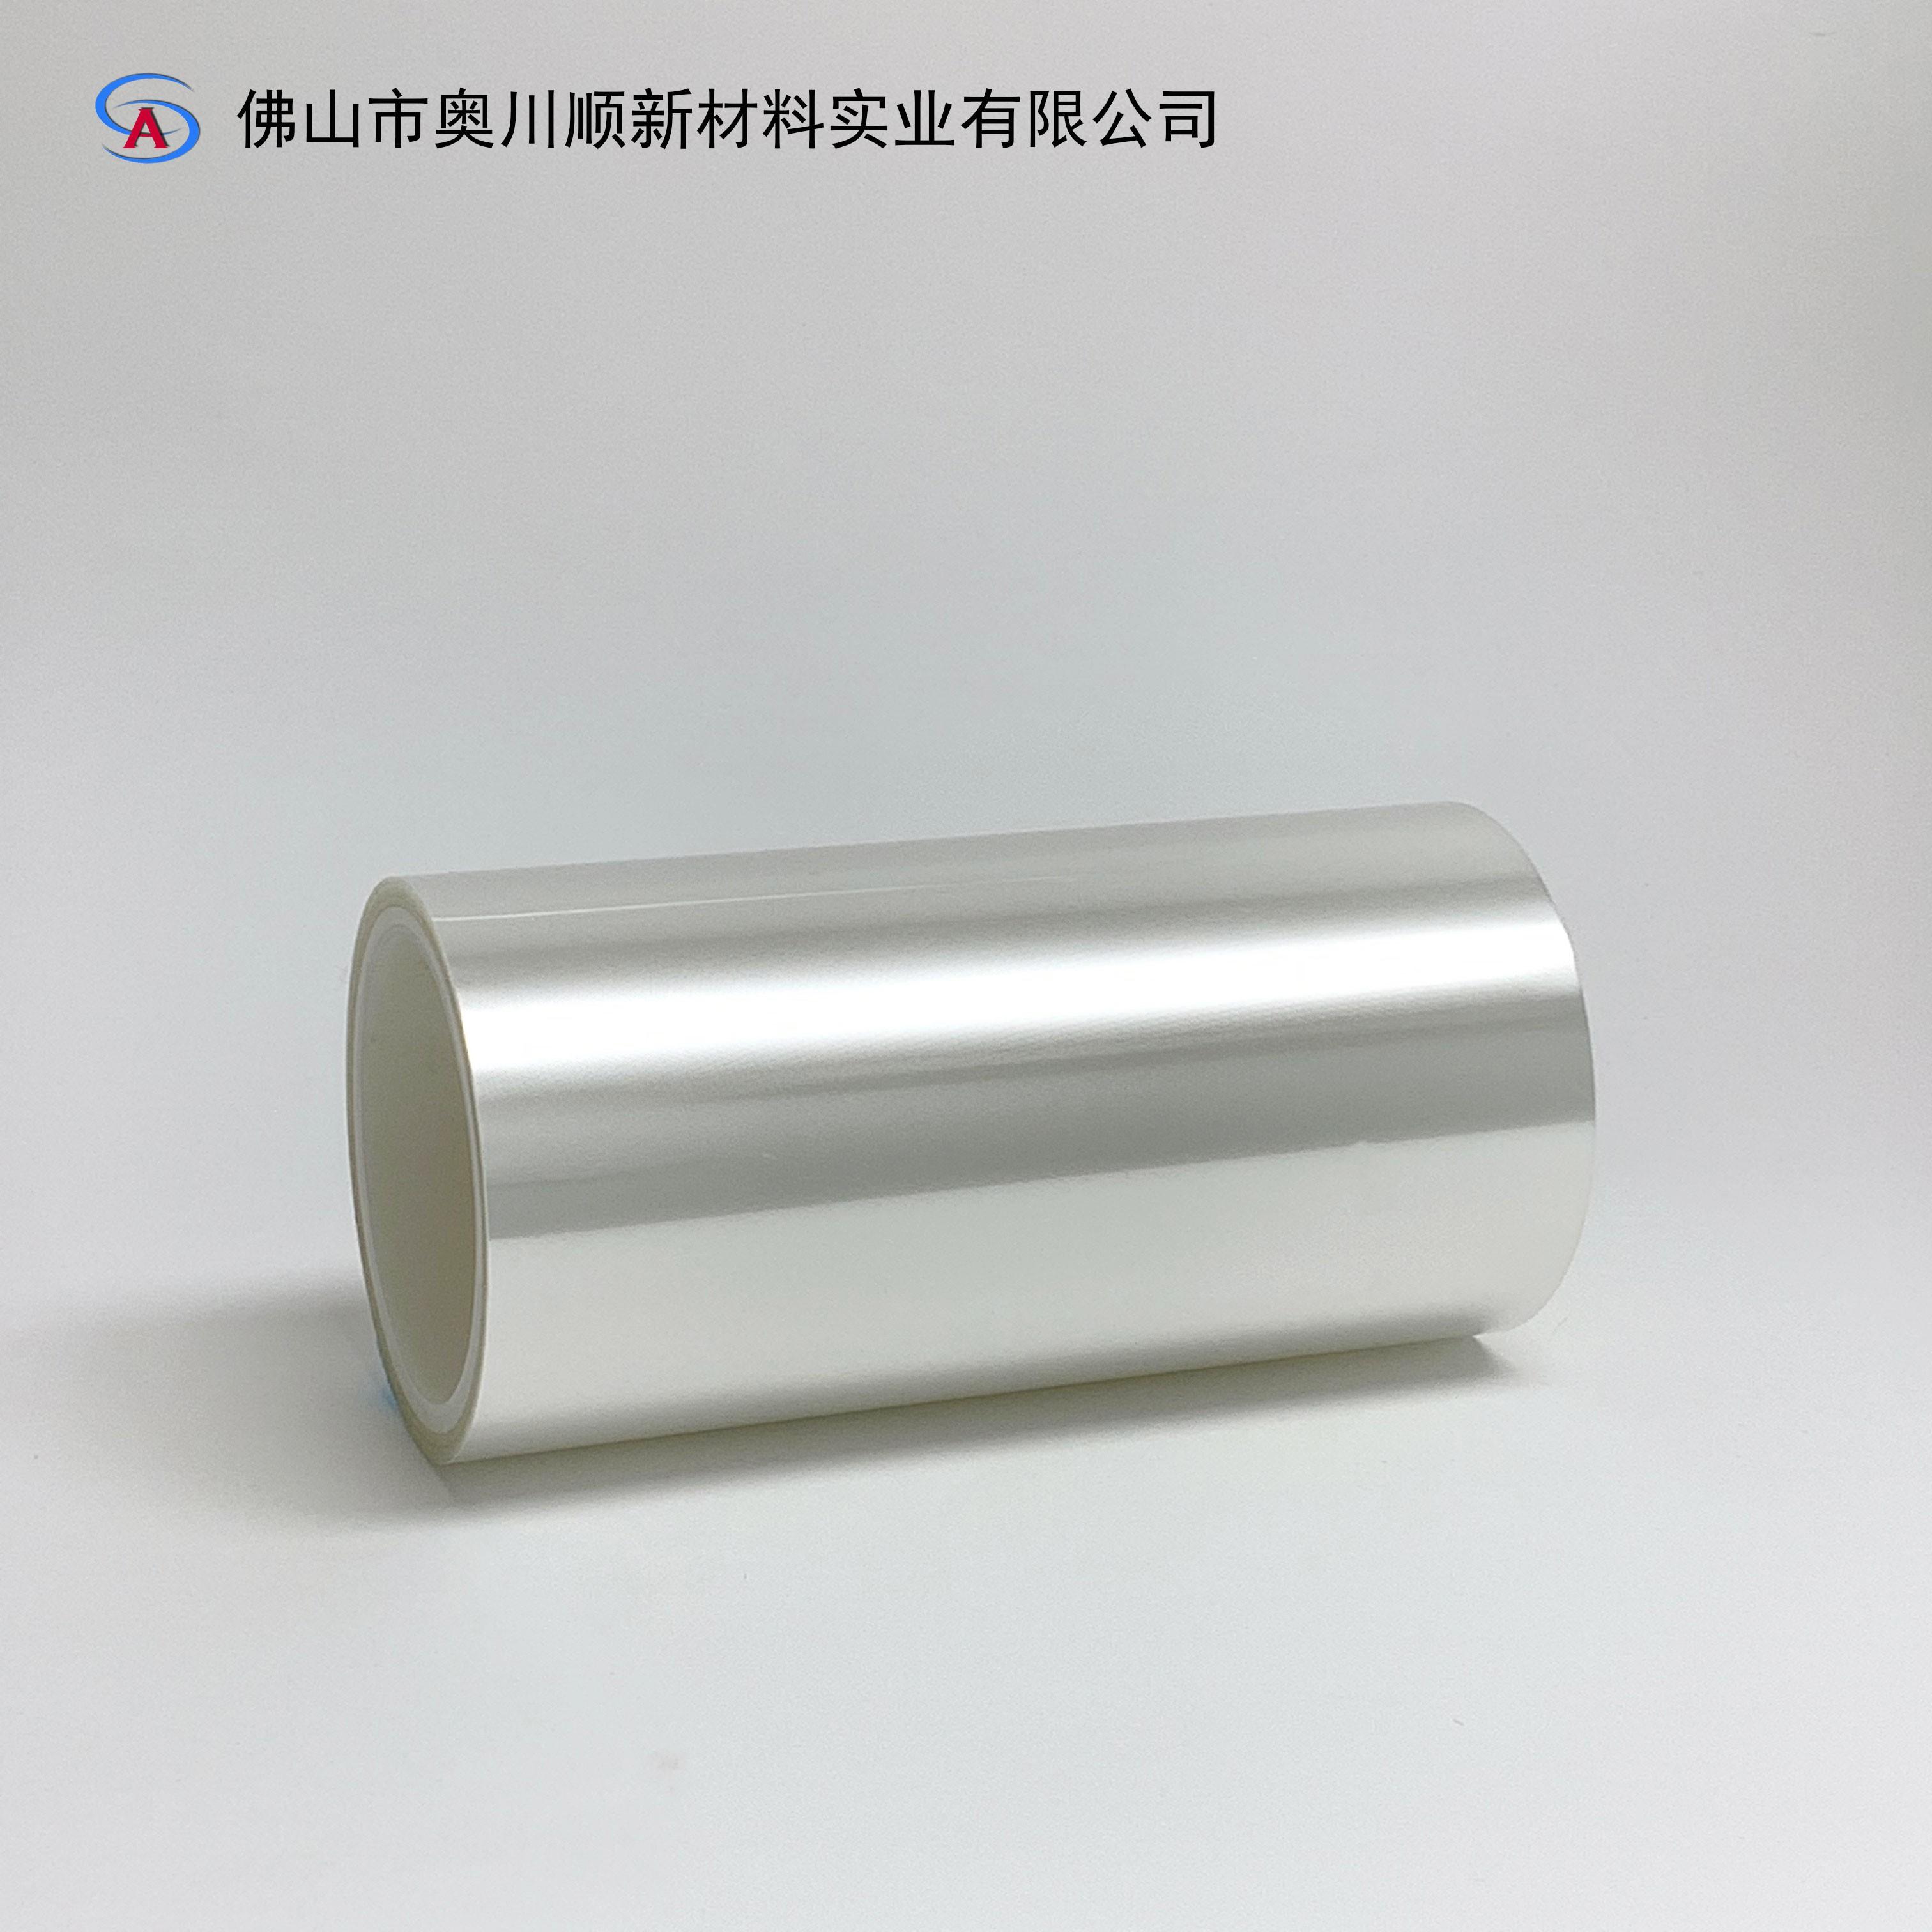 奥川顺新材料丨PET单层硅胶保护膜,保护膜源头厂家定制生产